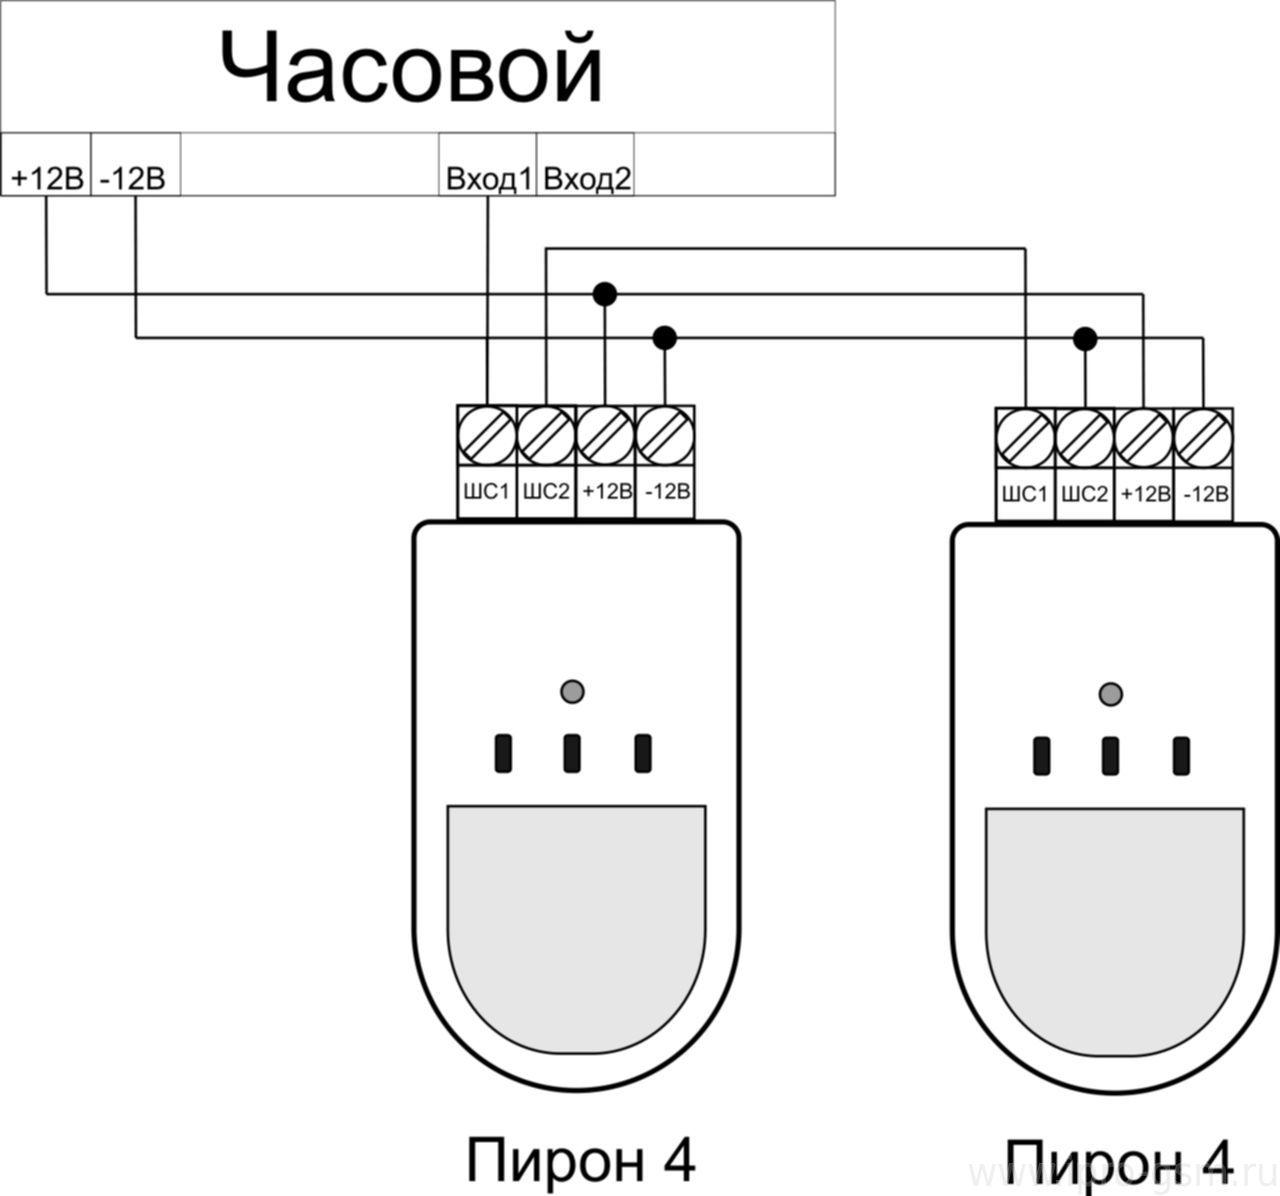 Пирон4_2датчика